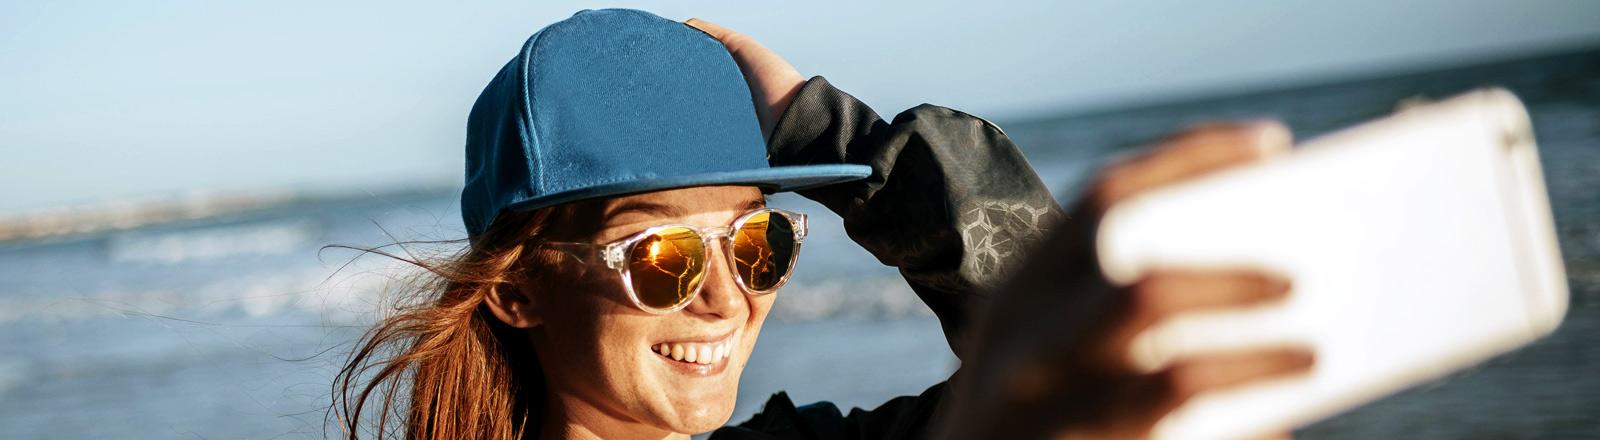 Frau mit Sonnenbrille und iphone am Strand